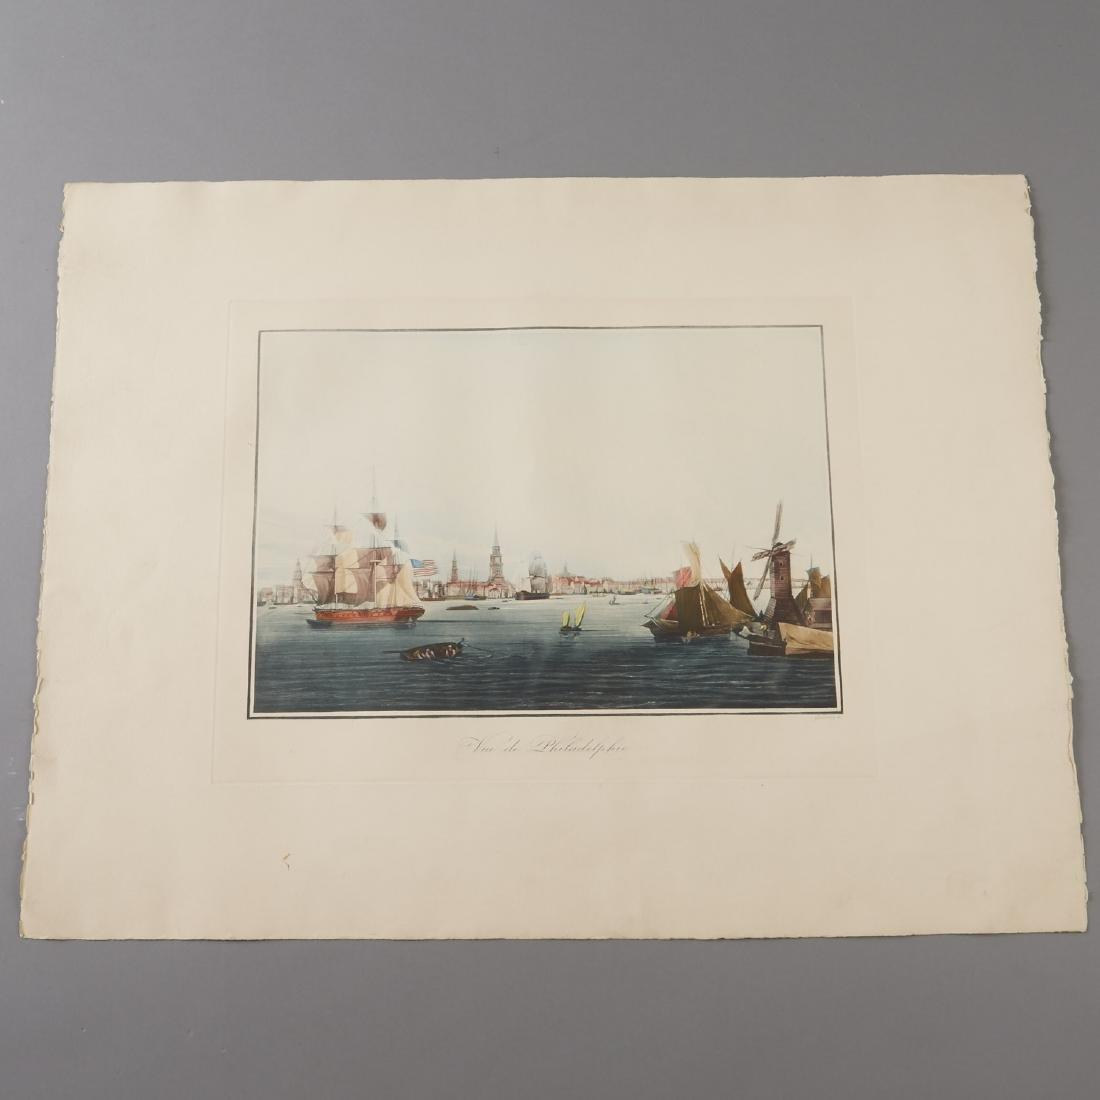 Louis Le Breton Vue de Philadelphie Aquatint